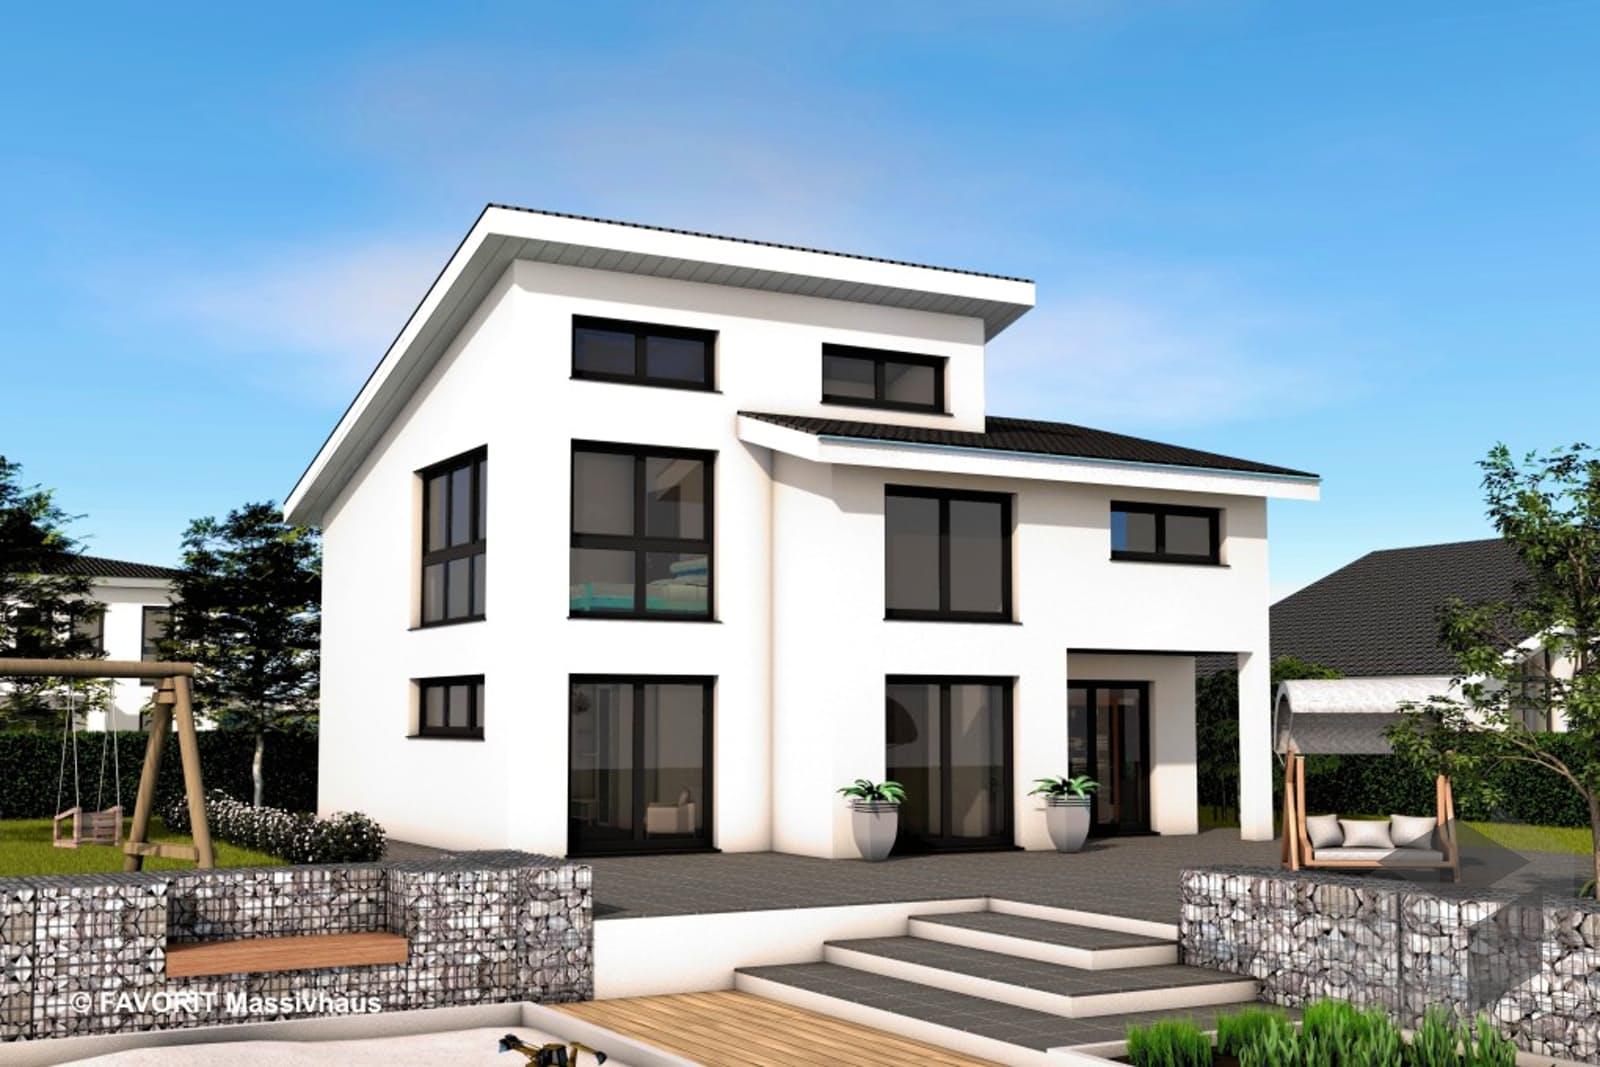 Creativ sun 141 von favorit massivhaus for Massivhaus modern